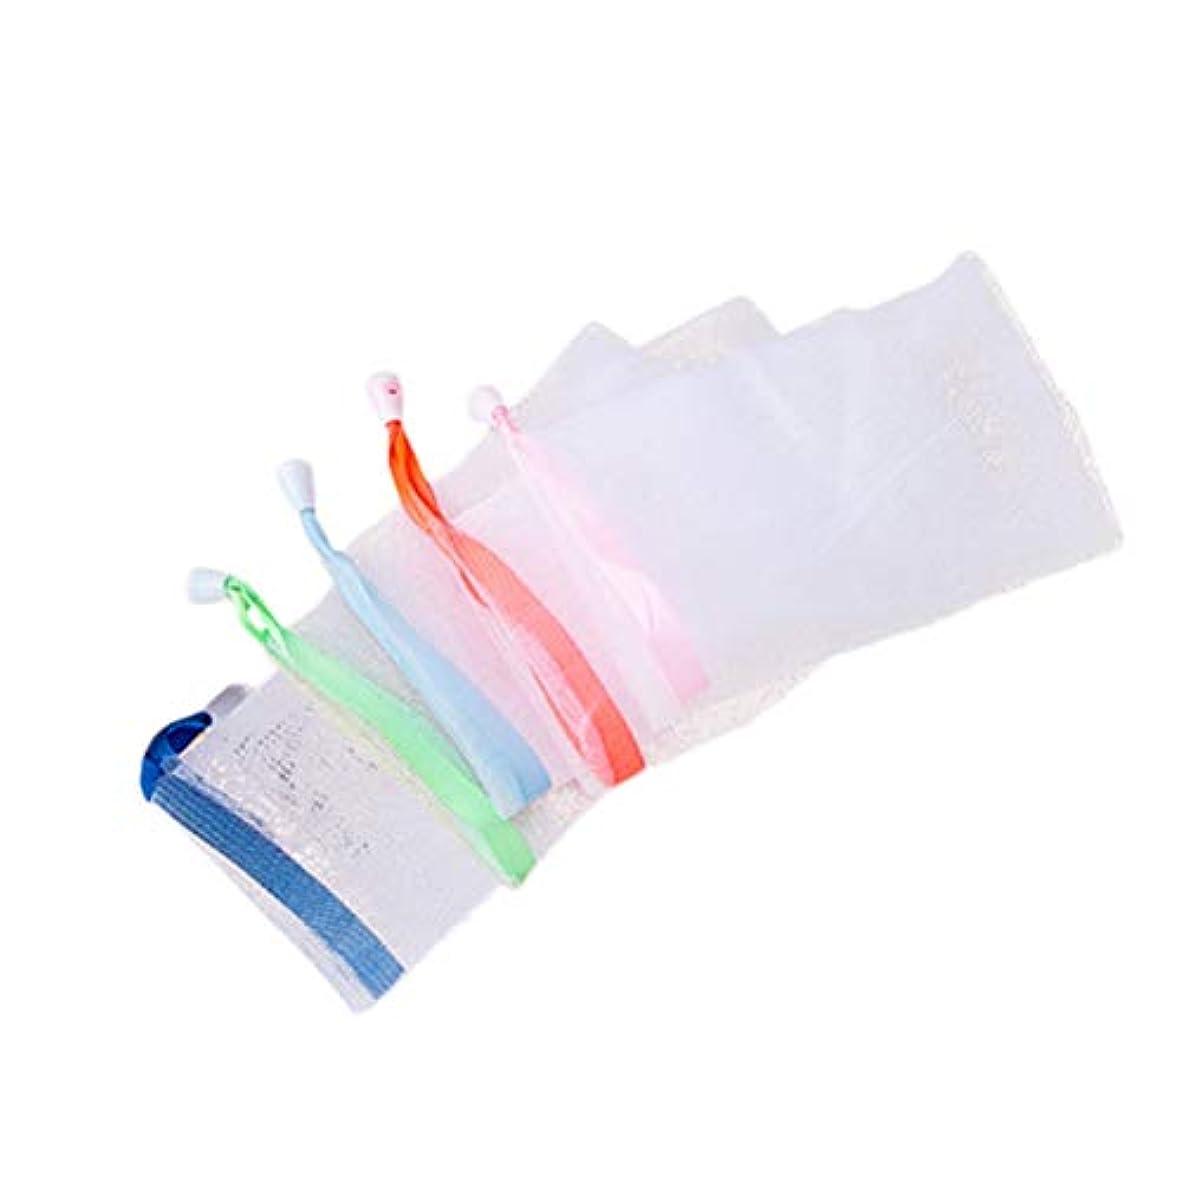 有力者春少しHEALIFTY 9pcsを洗う表面のための多彩な石鹸袋の泡立つ純袋の石鹸の泡ネット袋